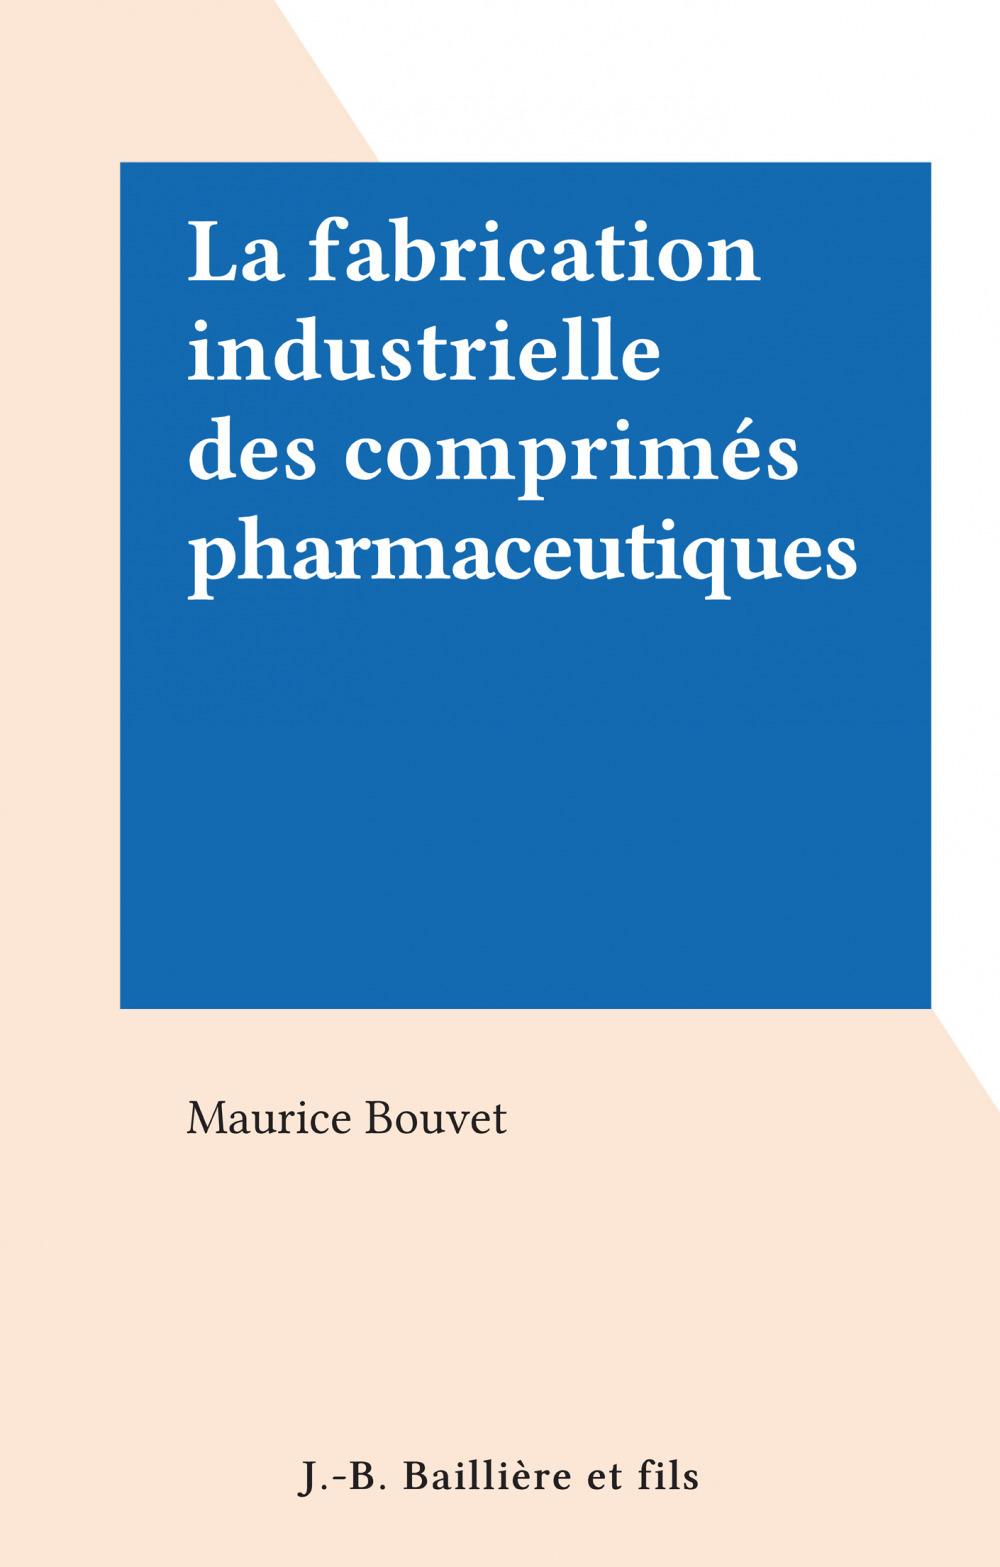 La fabrication industrielle des comprimés pharmaceutiques